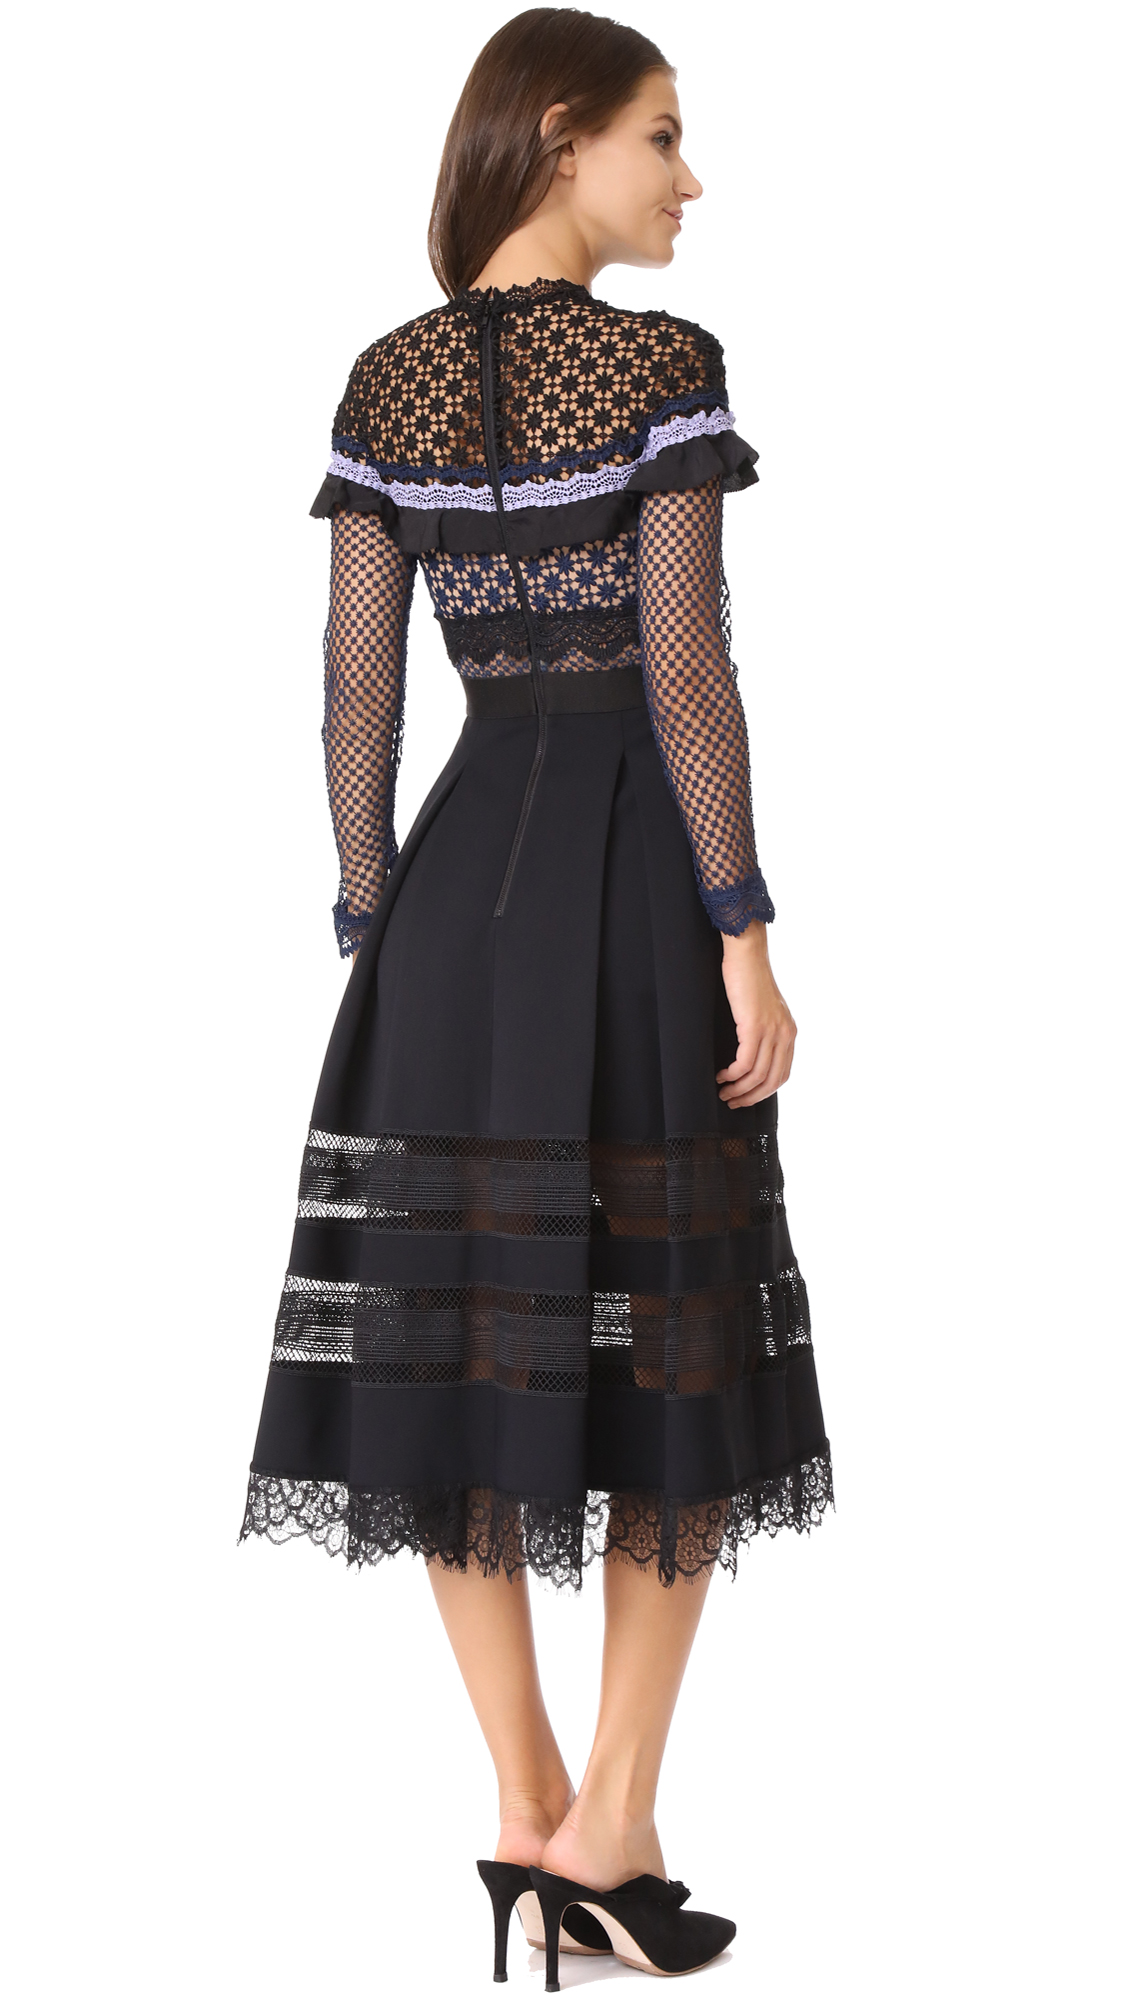 e86a3a67b8dc Self Portrait Bellis Lace Trim Dress with Full Skirt | SHOPBOP